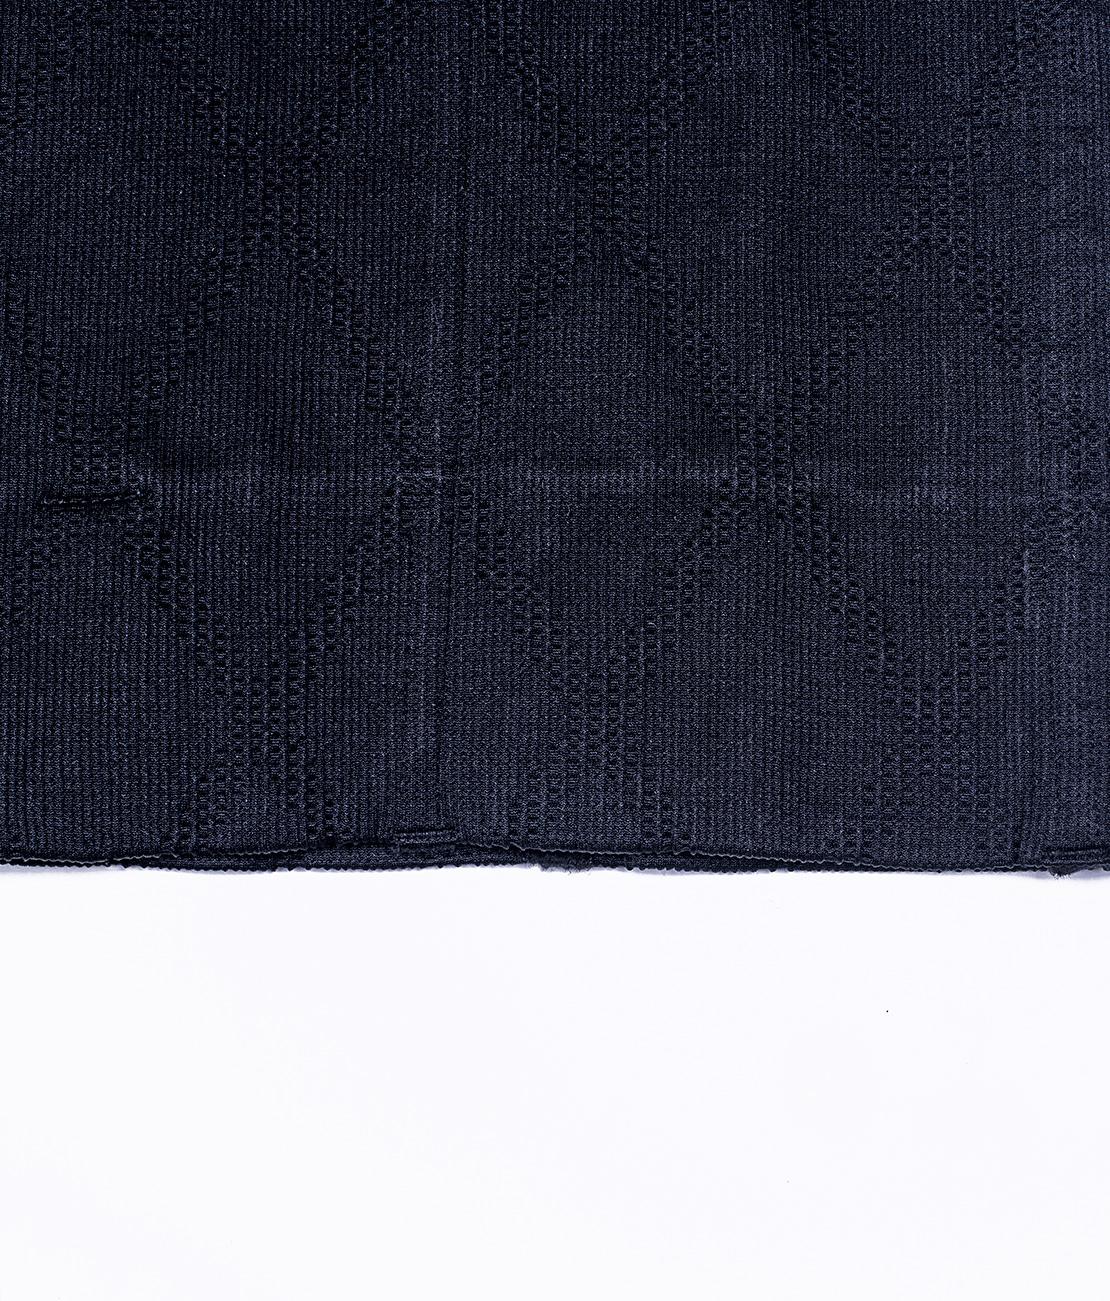 Body Shaper Noir Packshot Detail 3